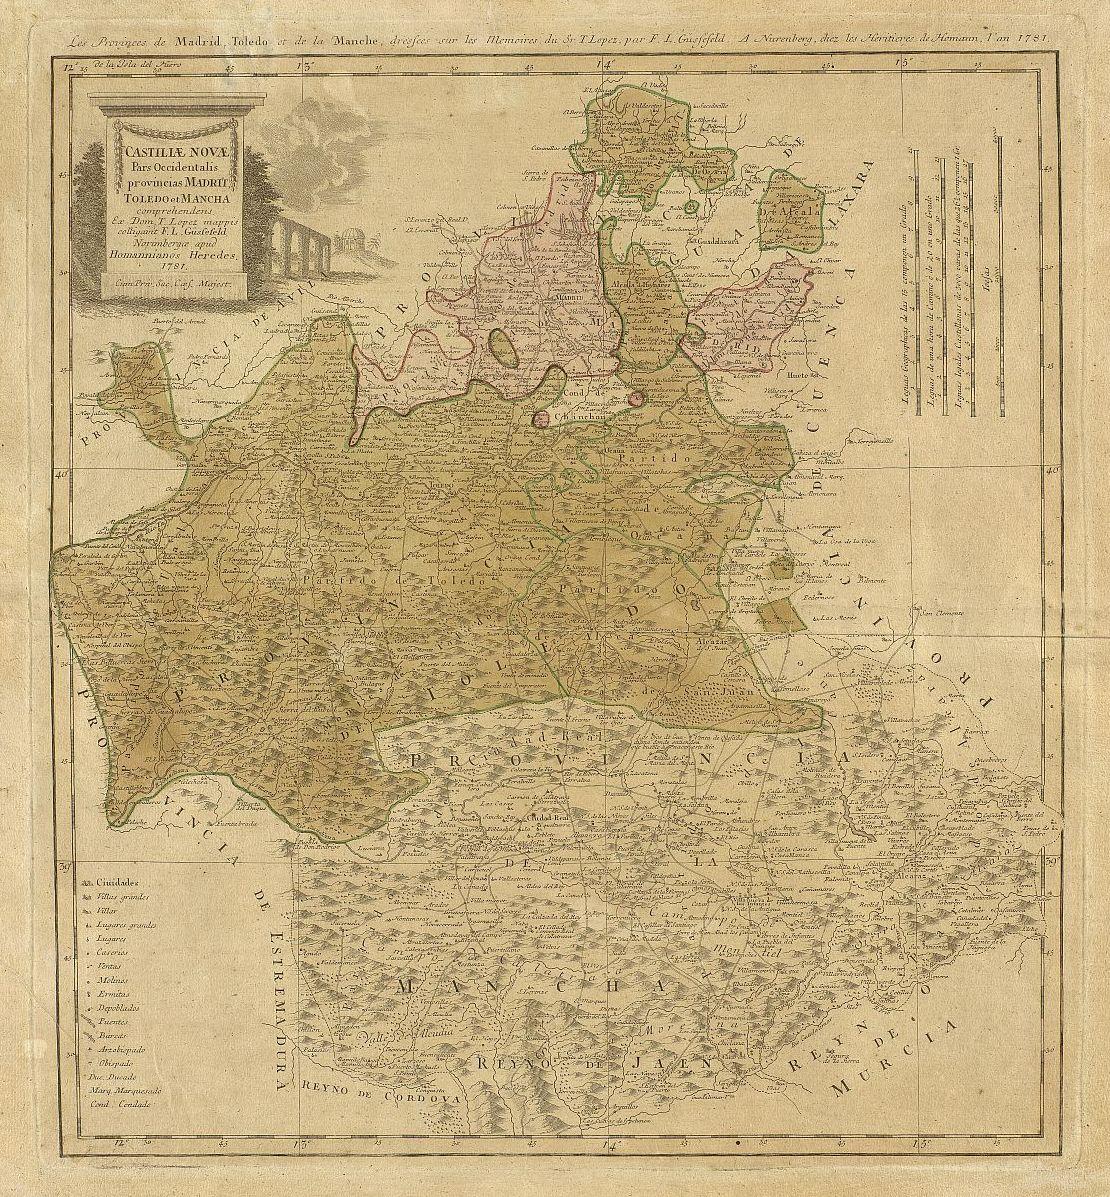 Restaurado un mapa de las provincias de Toledo, Madrid y La Mancha de 1781